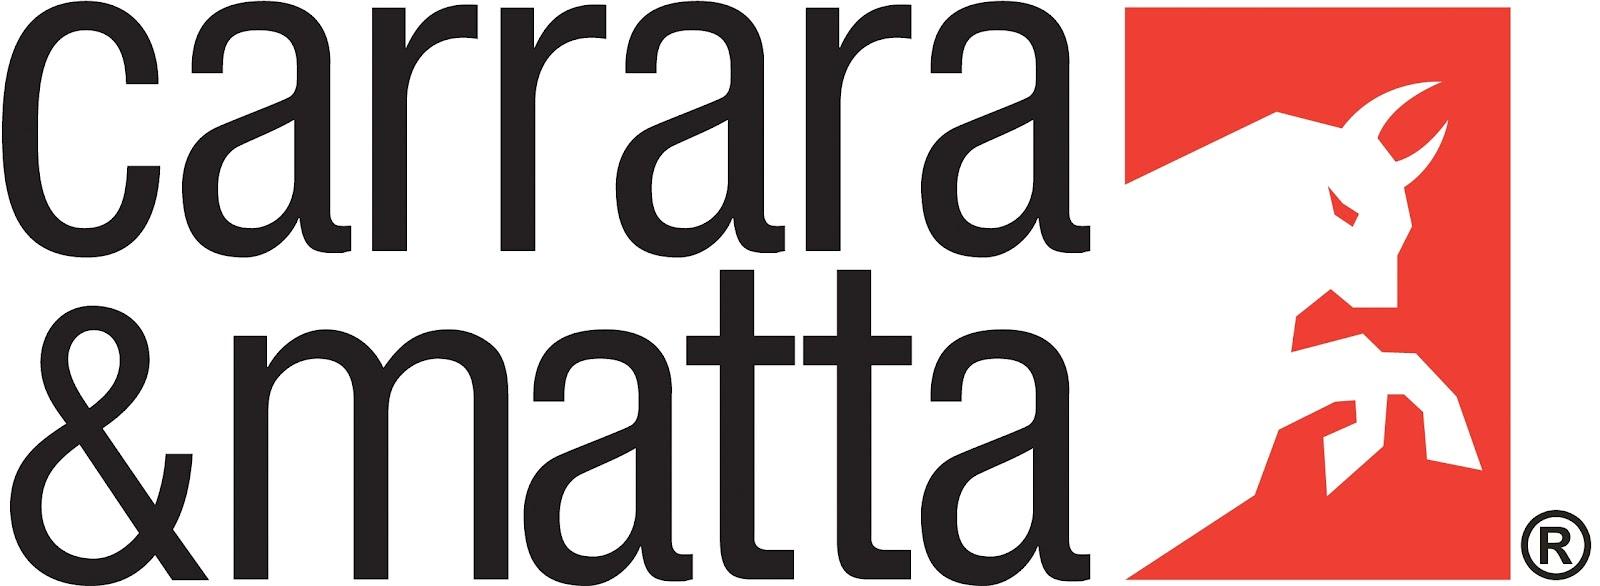 Sedile Wc Carrara Matta Compatibile Cesame Sintesi Copriwater In Legno Mdf Bianco